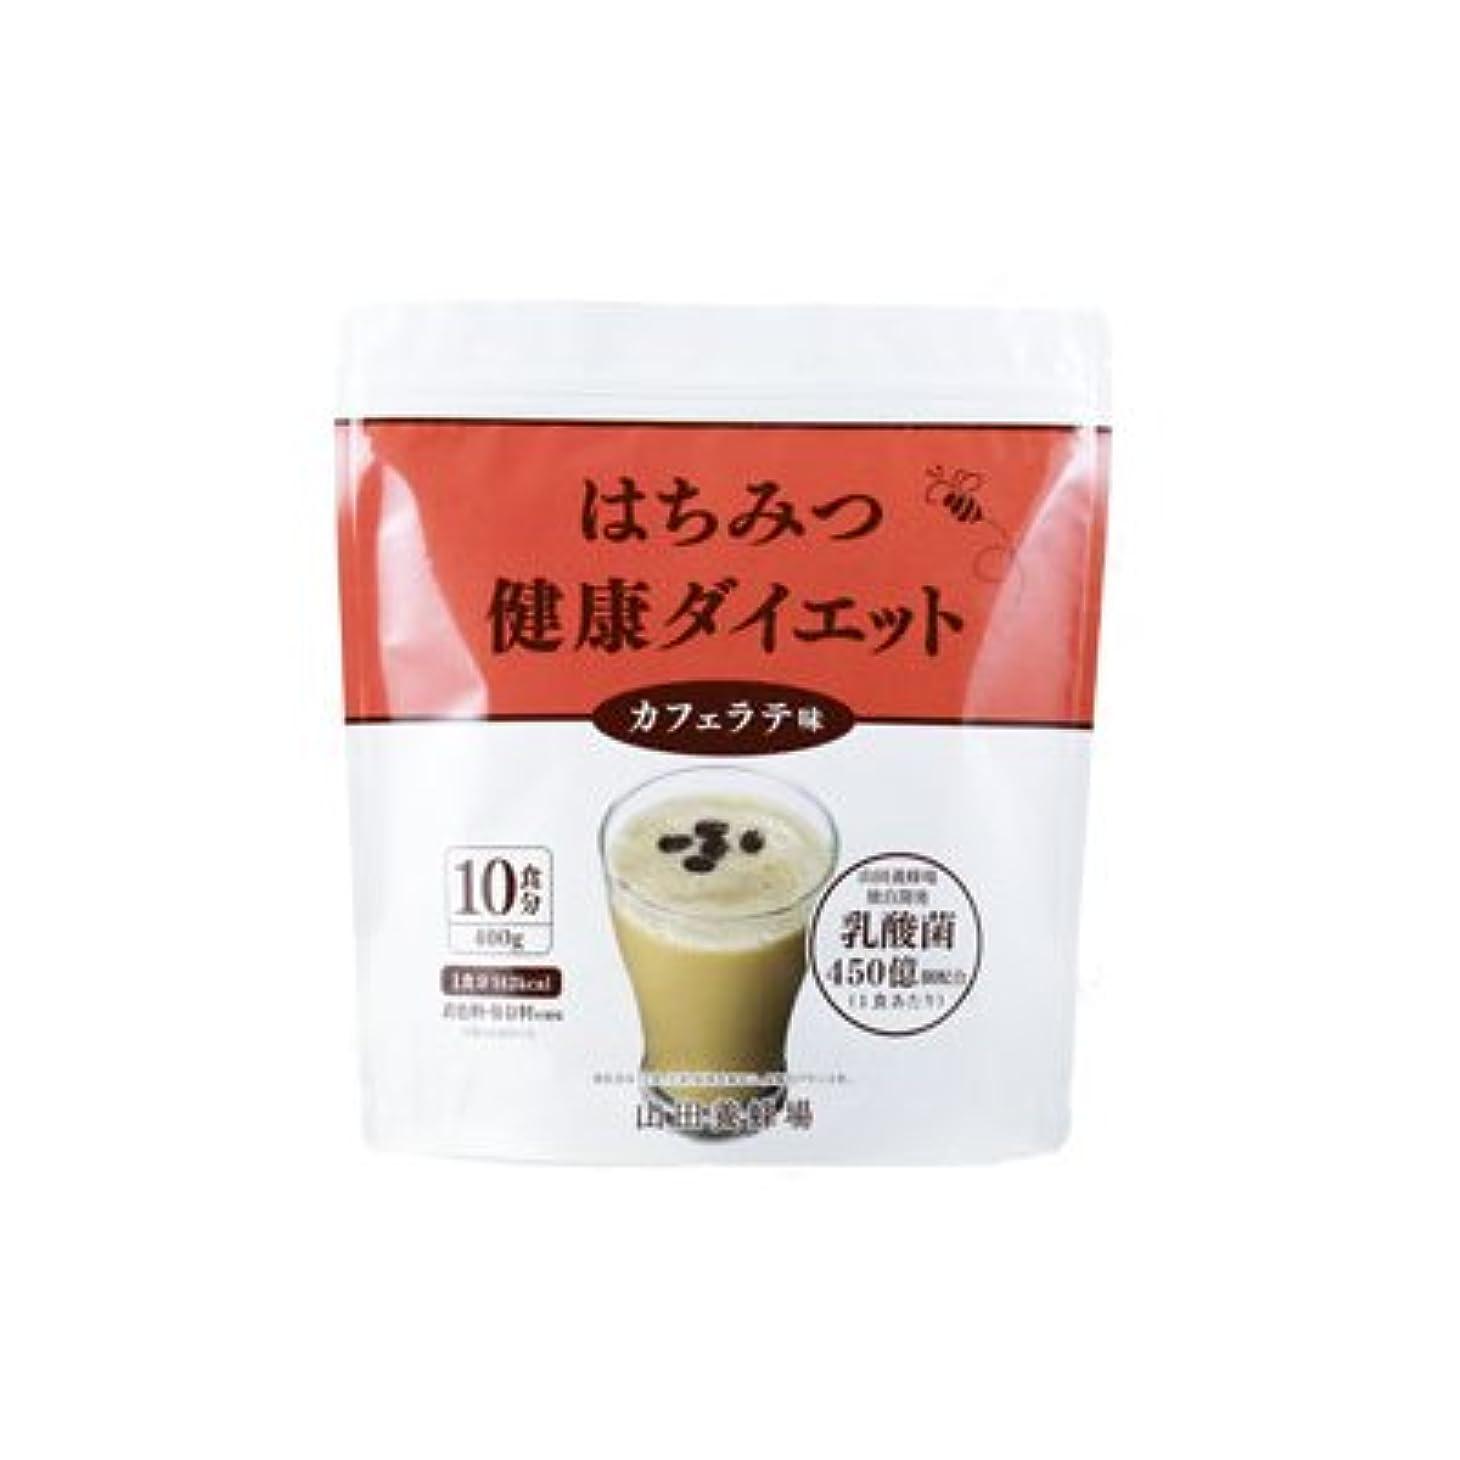 大学院頭蓋骨ギャングスターはちみつ健康ダイエット 【カフェラテ味】400g(10食分)